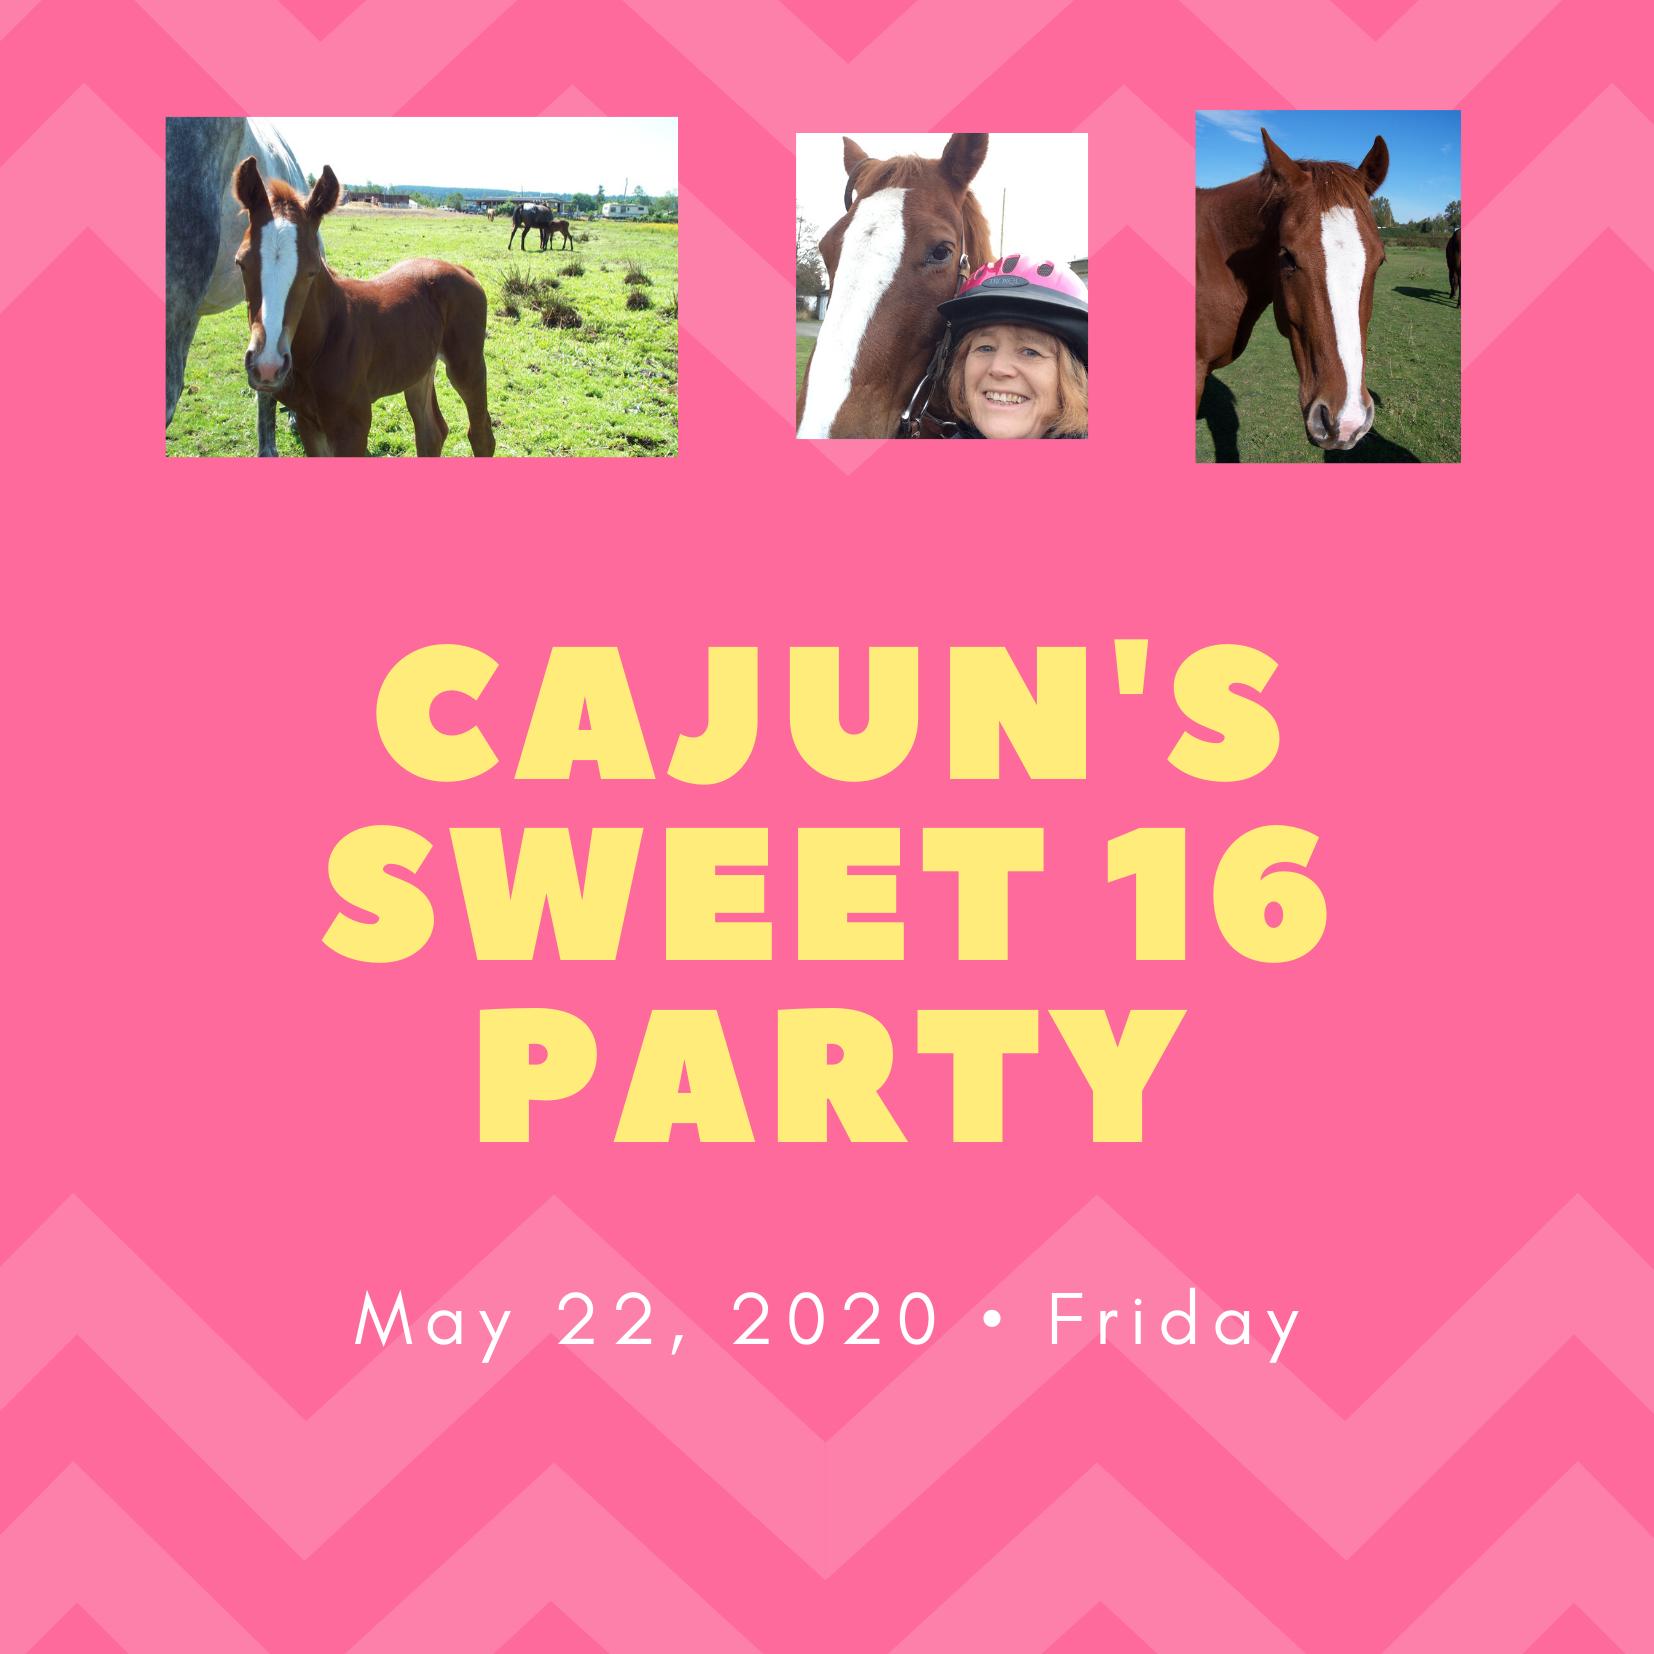 Cajun is Sweet 16!